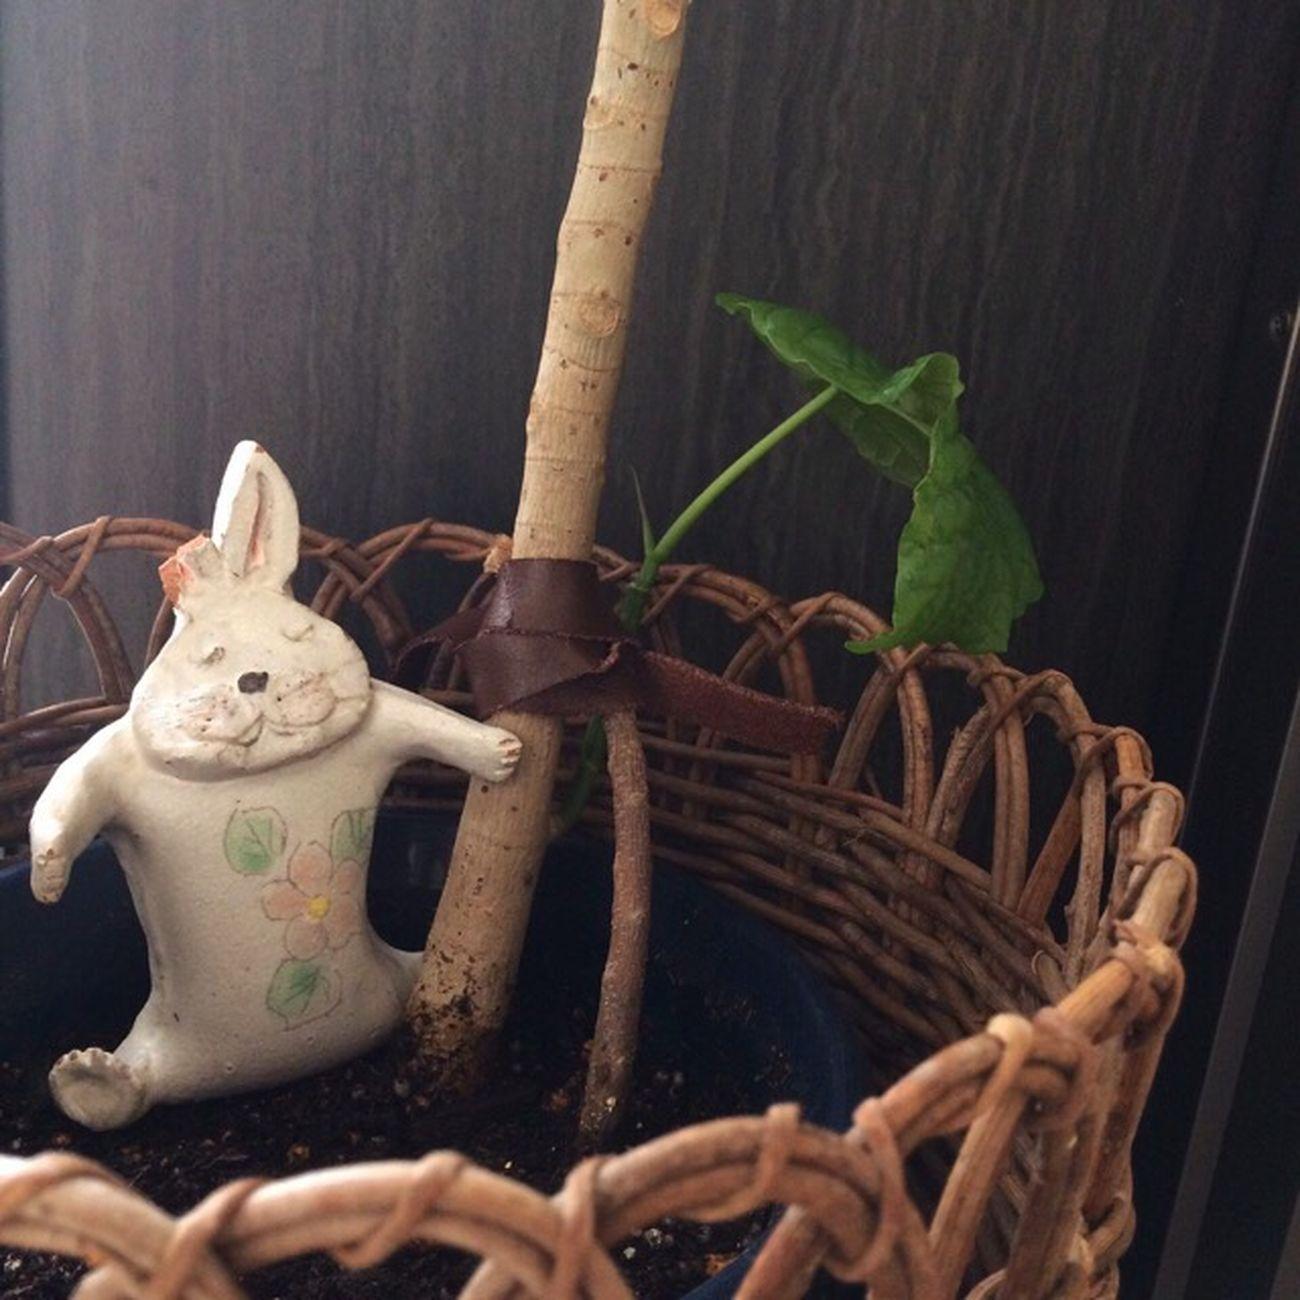 支える サポート 観葉植物 ガーデニング 応援